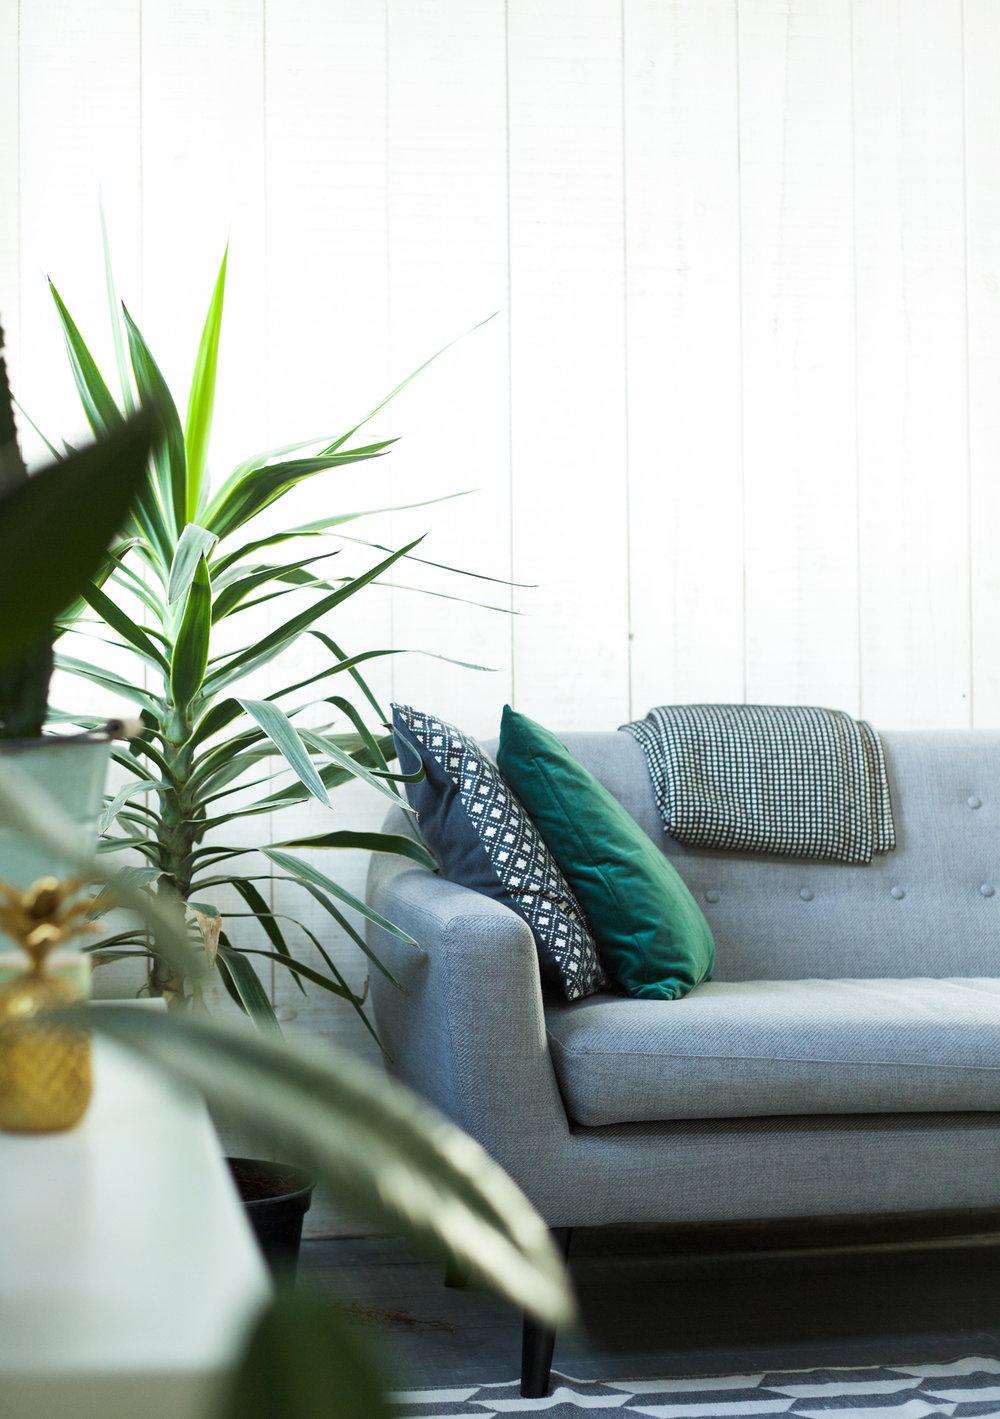 Industrial meets jungle - My idea of a cosy living room.